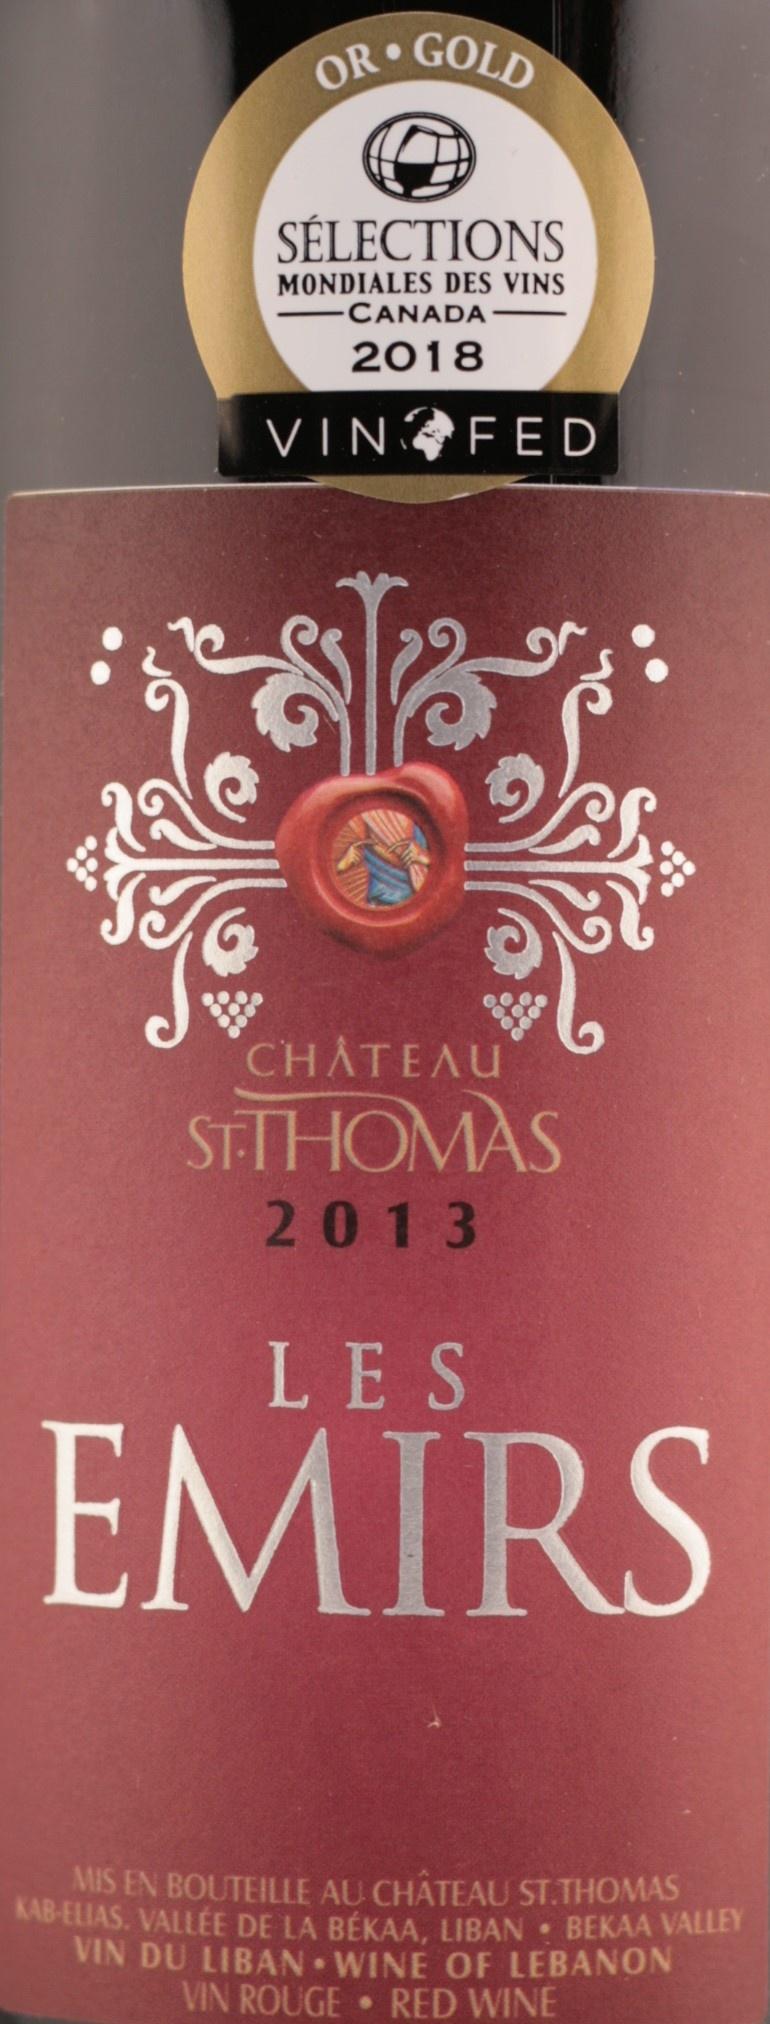 Les Emirs Rouge | Chateau St. Thomas | 2013